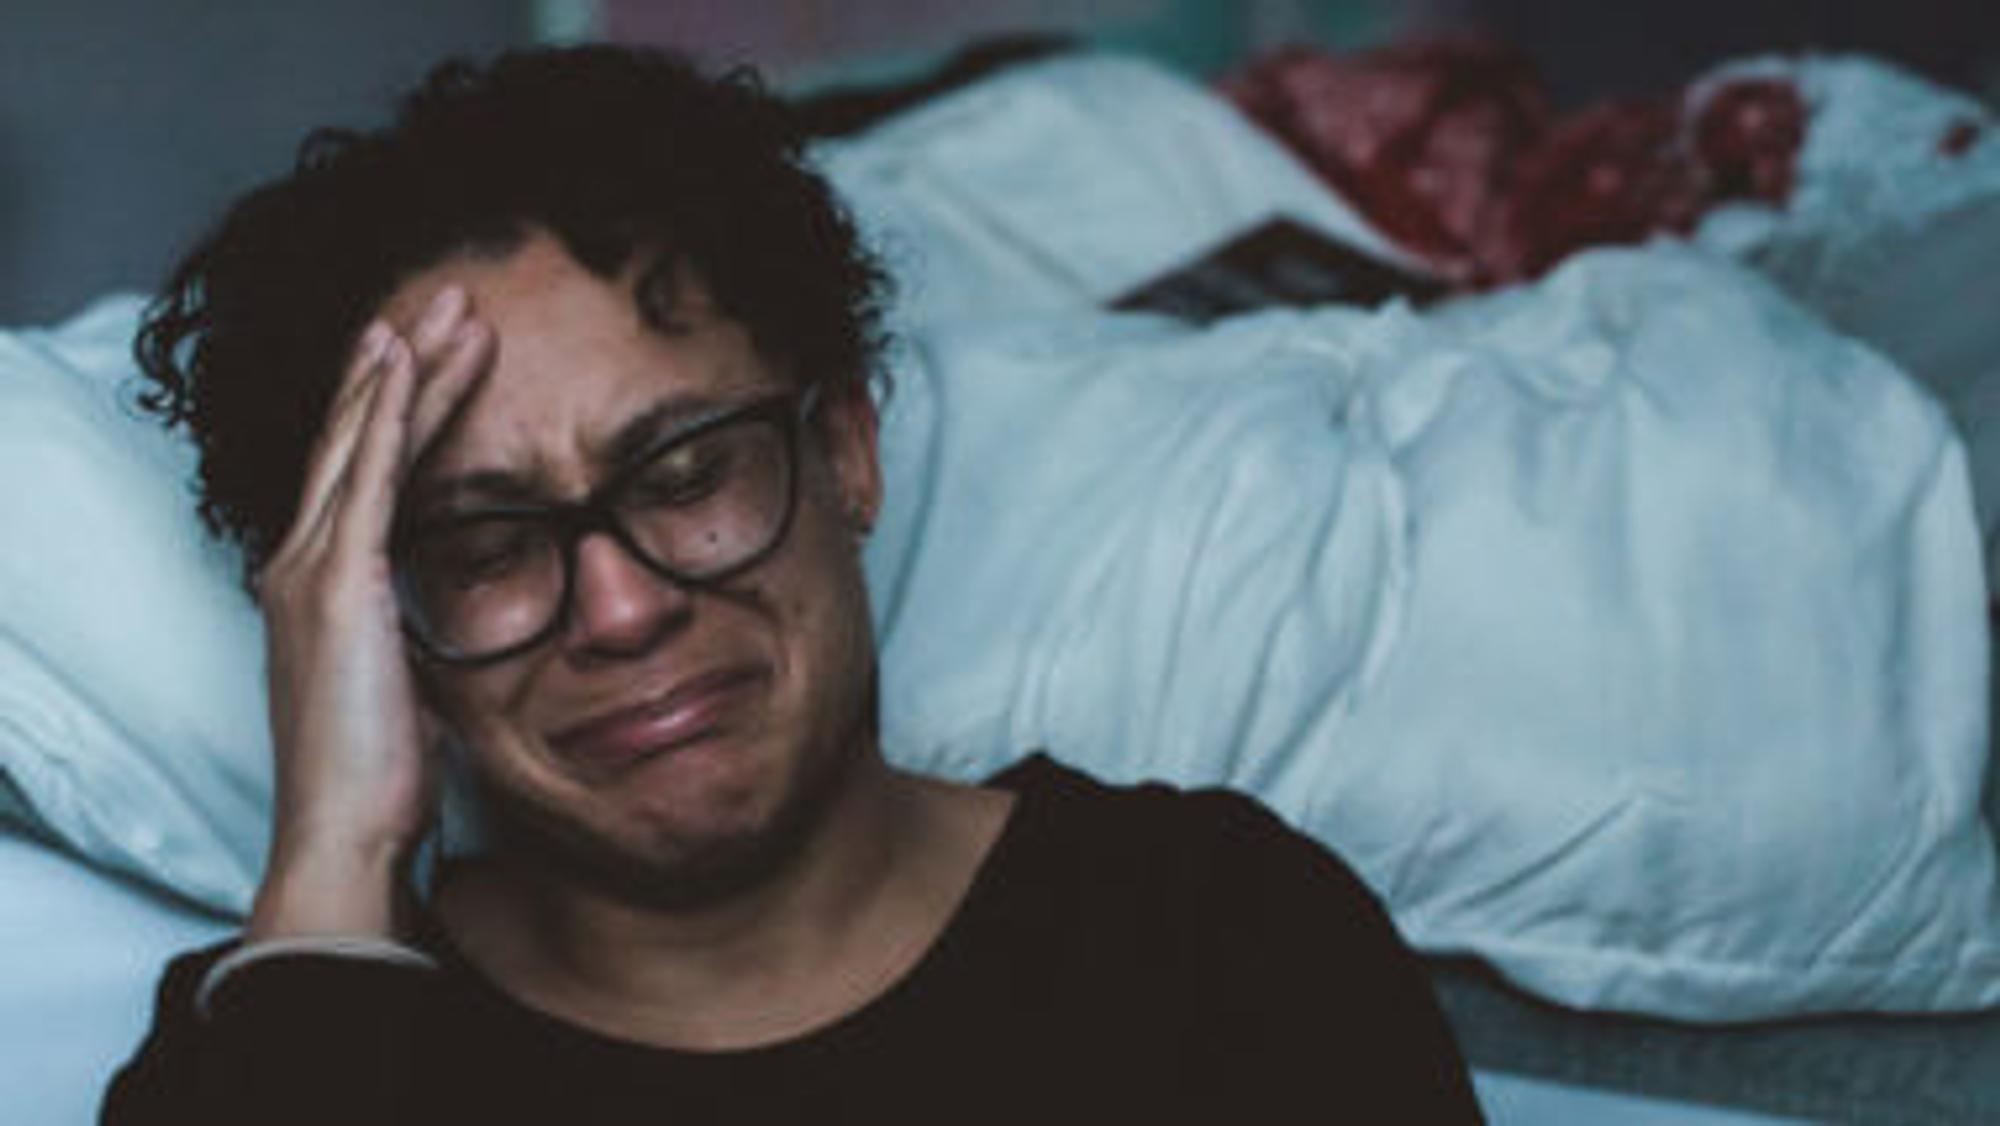 Frau weint vor einem Bett